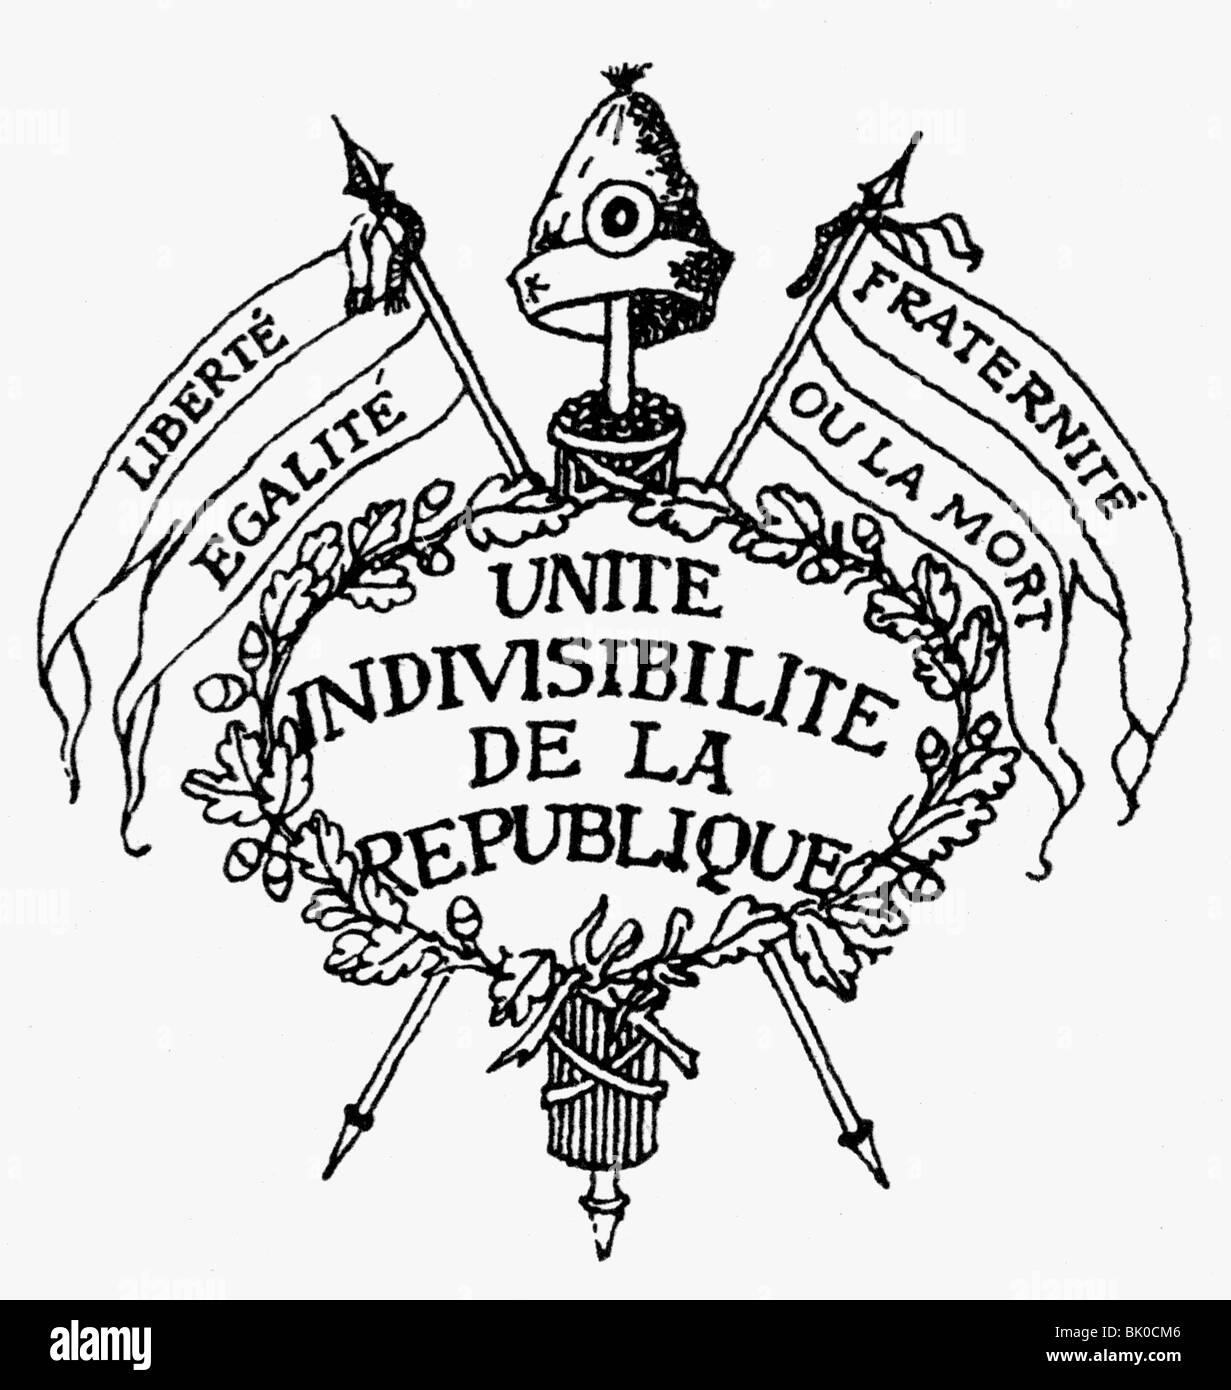 Geography travel france french revolution 1789 1799 symbols geography travel france french revolution 1789 1799 symbols motto unite indivisibilite de la republique liberte egal biocorpaavc